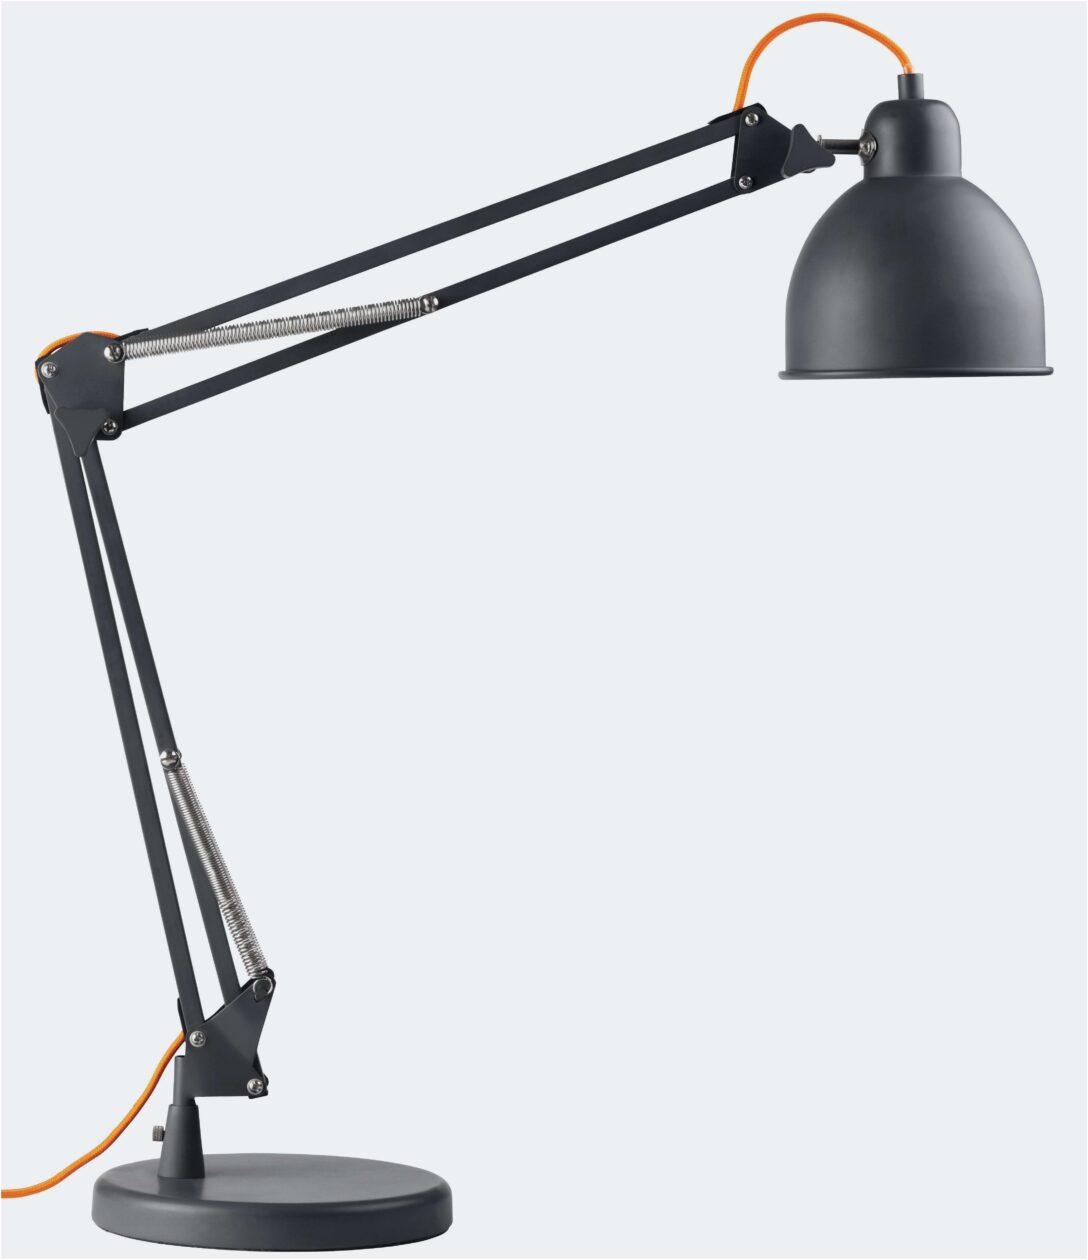 Large Size of Ikea Bogenlampe Anleitung Bogenlampen Regolit Hack Papier Kaufen Stehlampe Steh Betten 160x200 Sofa Mit Schlaffunktion Modulküche Miniküche Esstisch Bei Wohnzimmer Ikea Bogenlampe